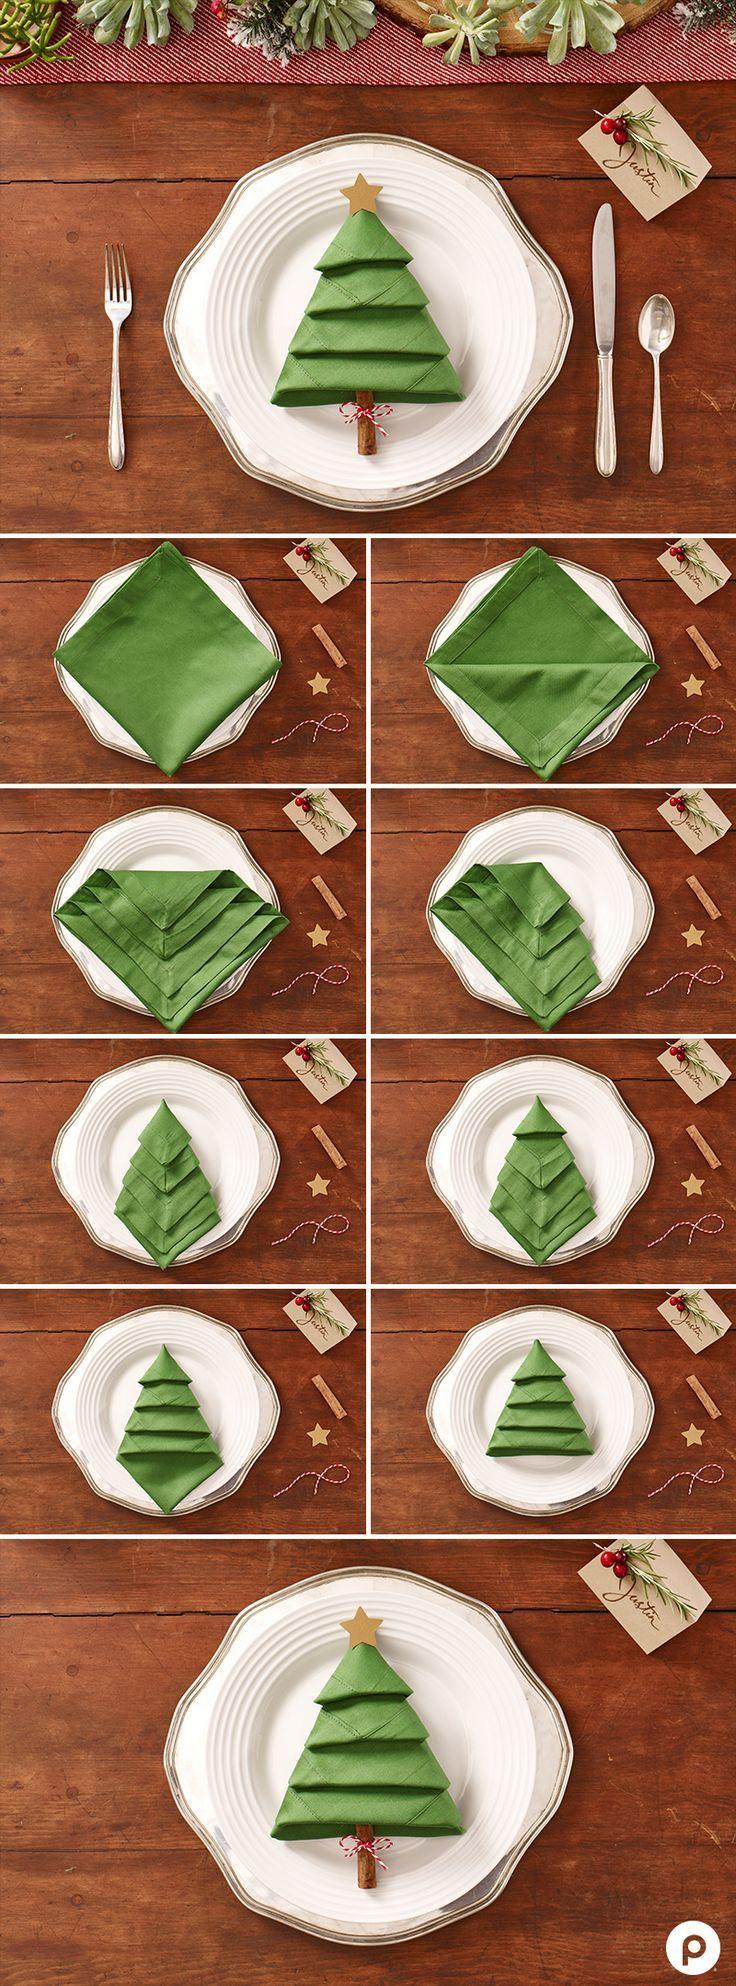 Como decorar a mesa de Natal   Blog Divirta-se Organizando